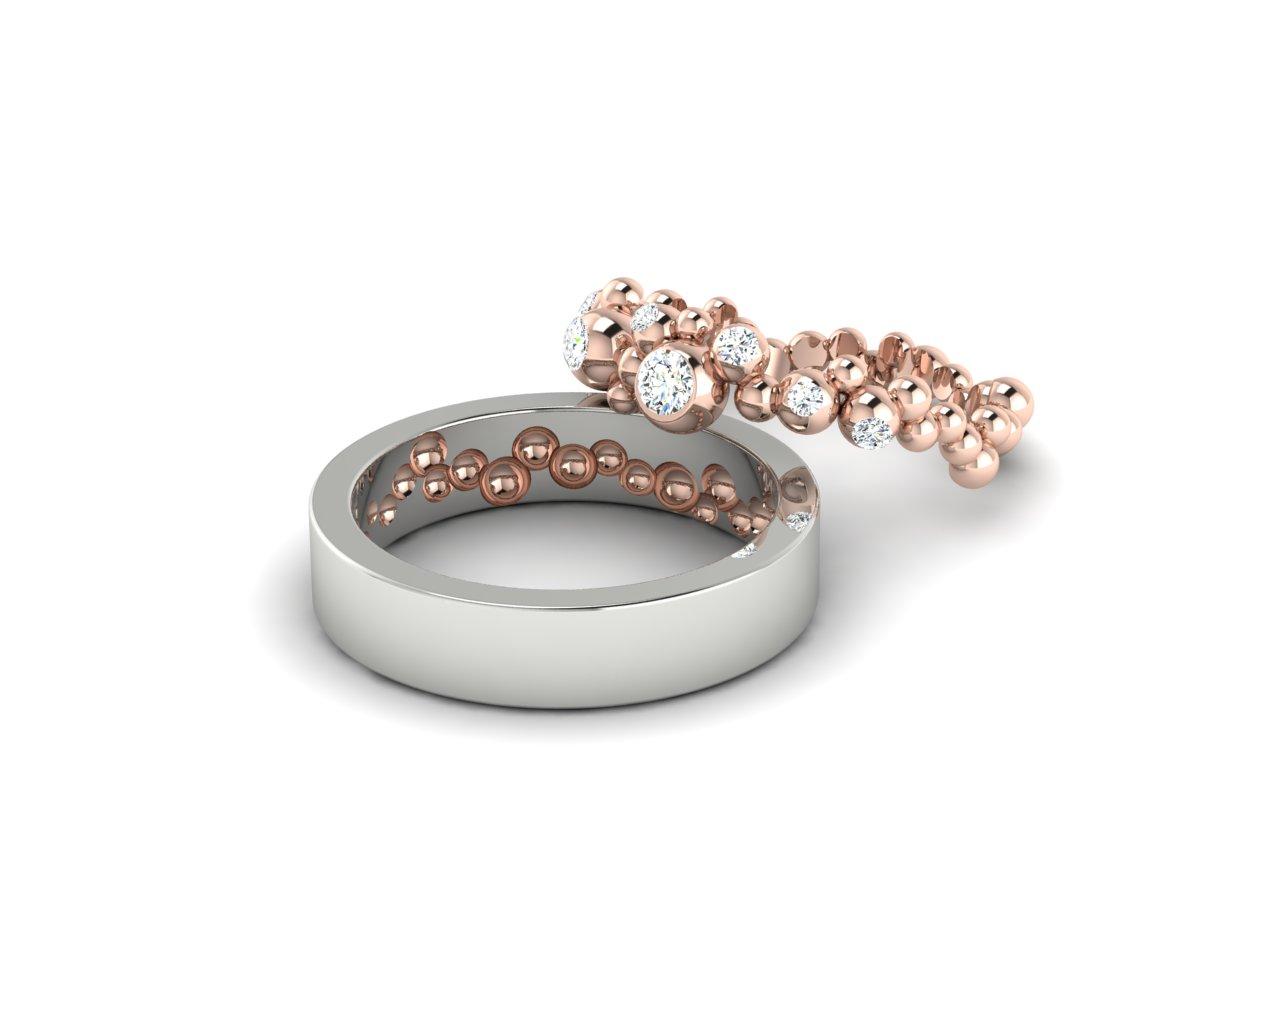 Snubní prsteny Variation of Mol